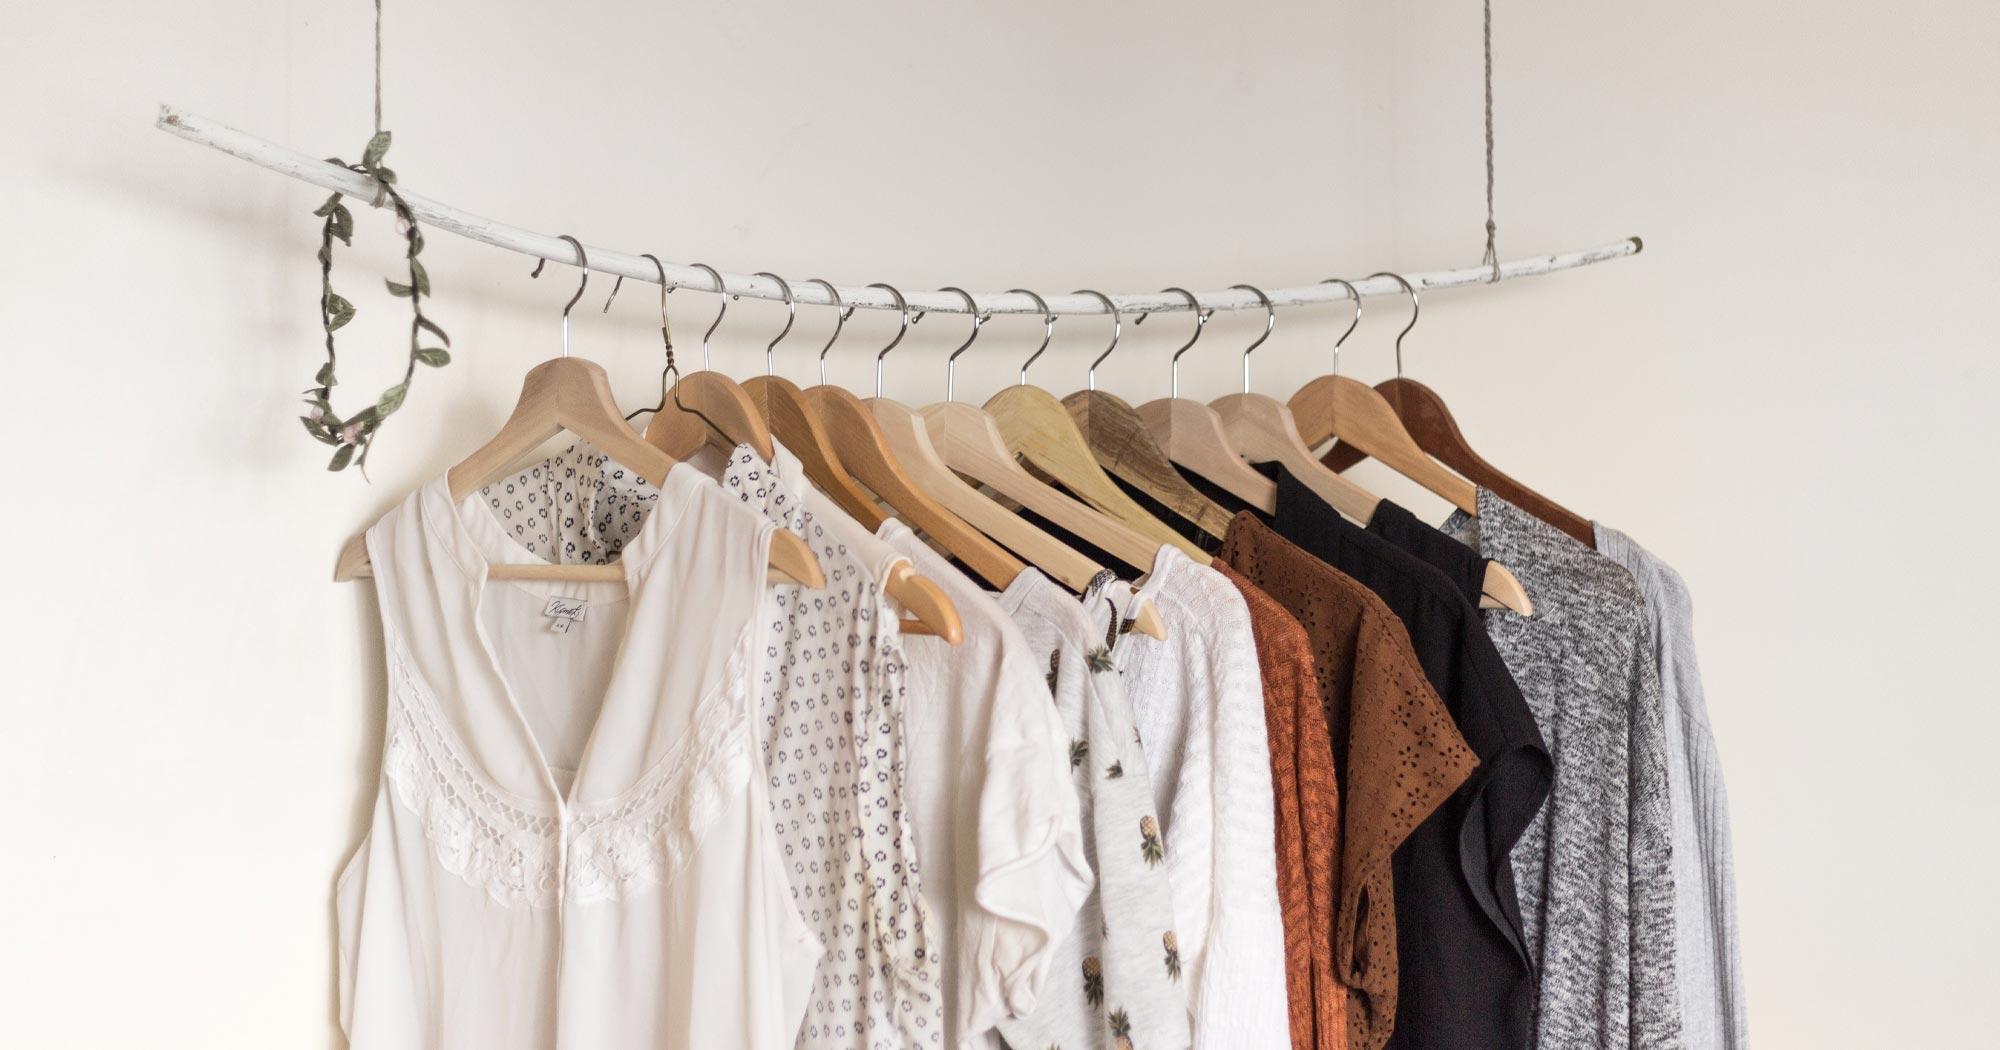 自分なりのこだわりを大切に。服を選ぶときの5つのポイント